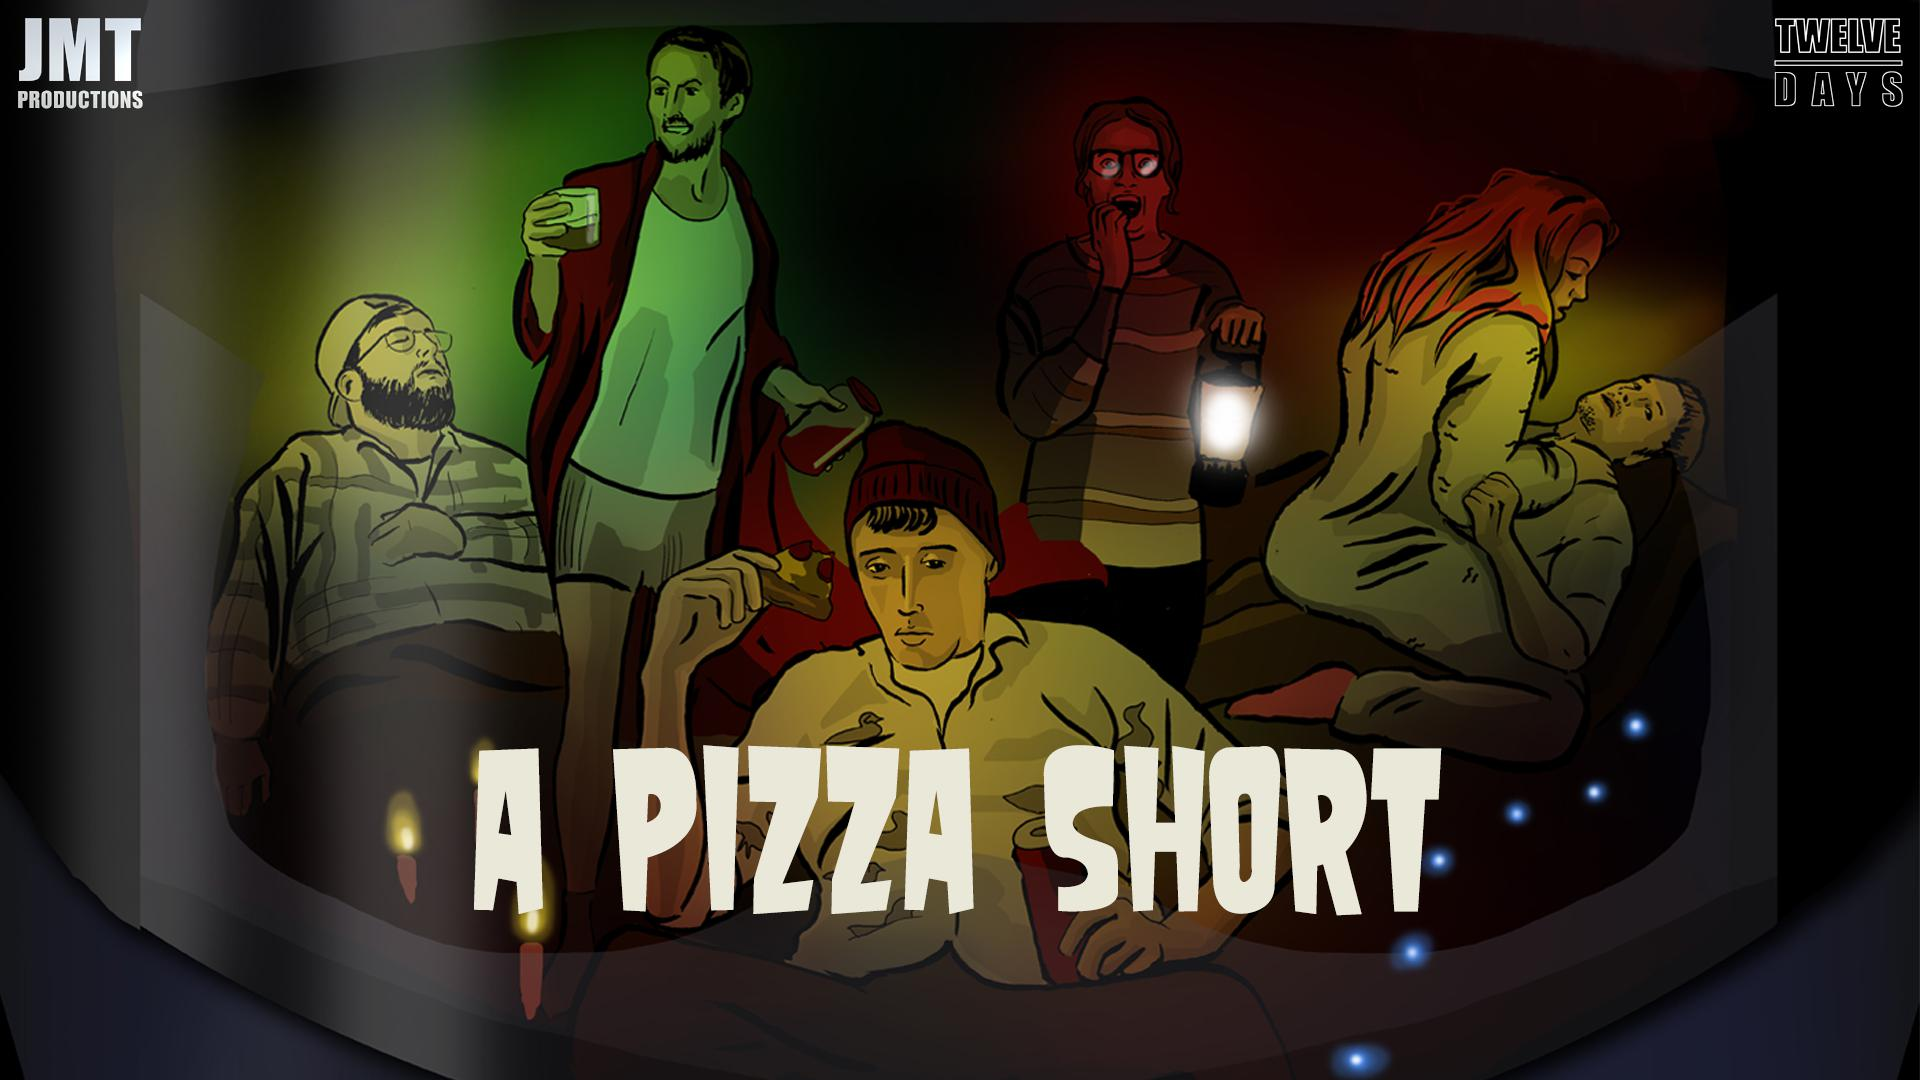 A Pizza Short